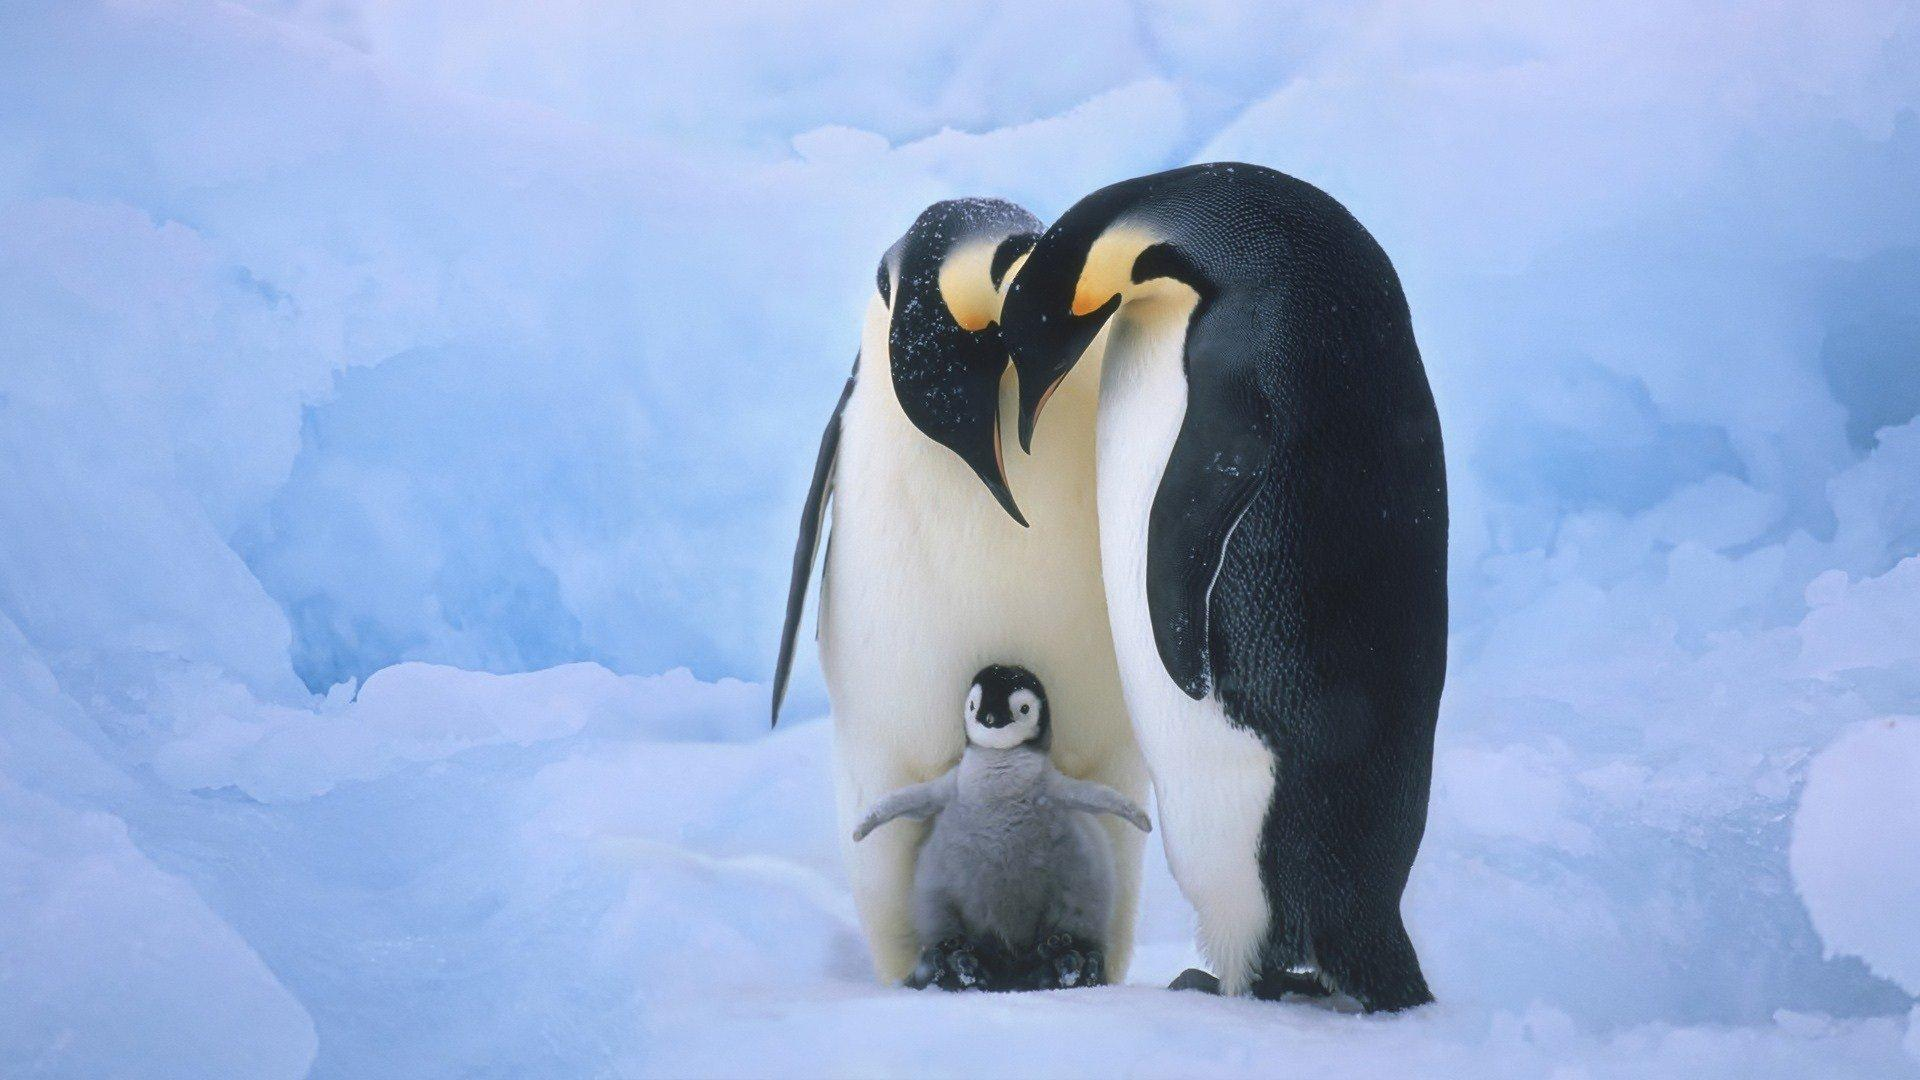 Que fim teria este casal de pinguins gay se vivesse no pré-histórico Sultanato de Brunei?